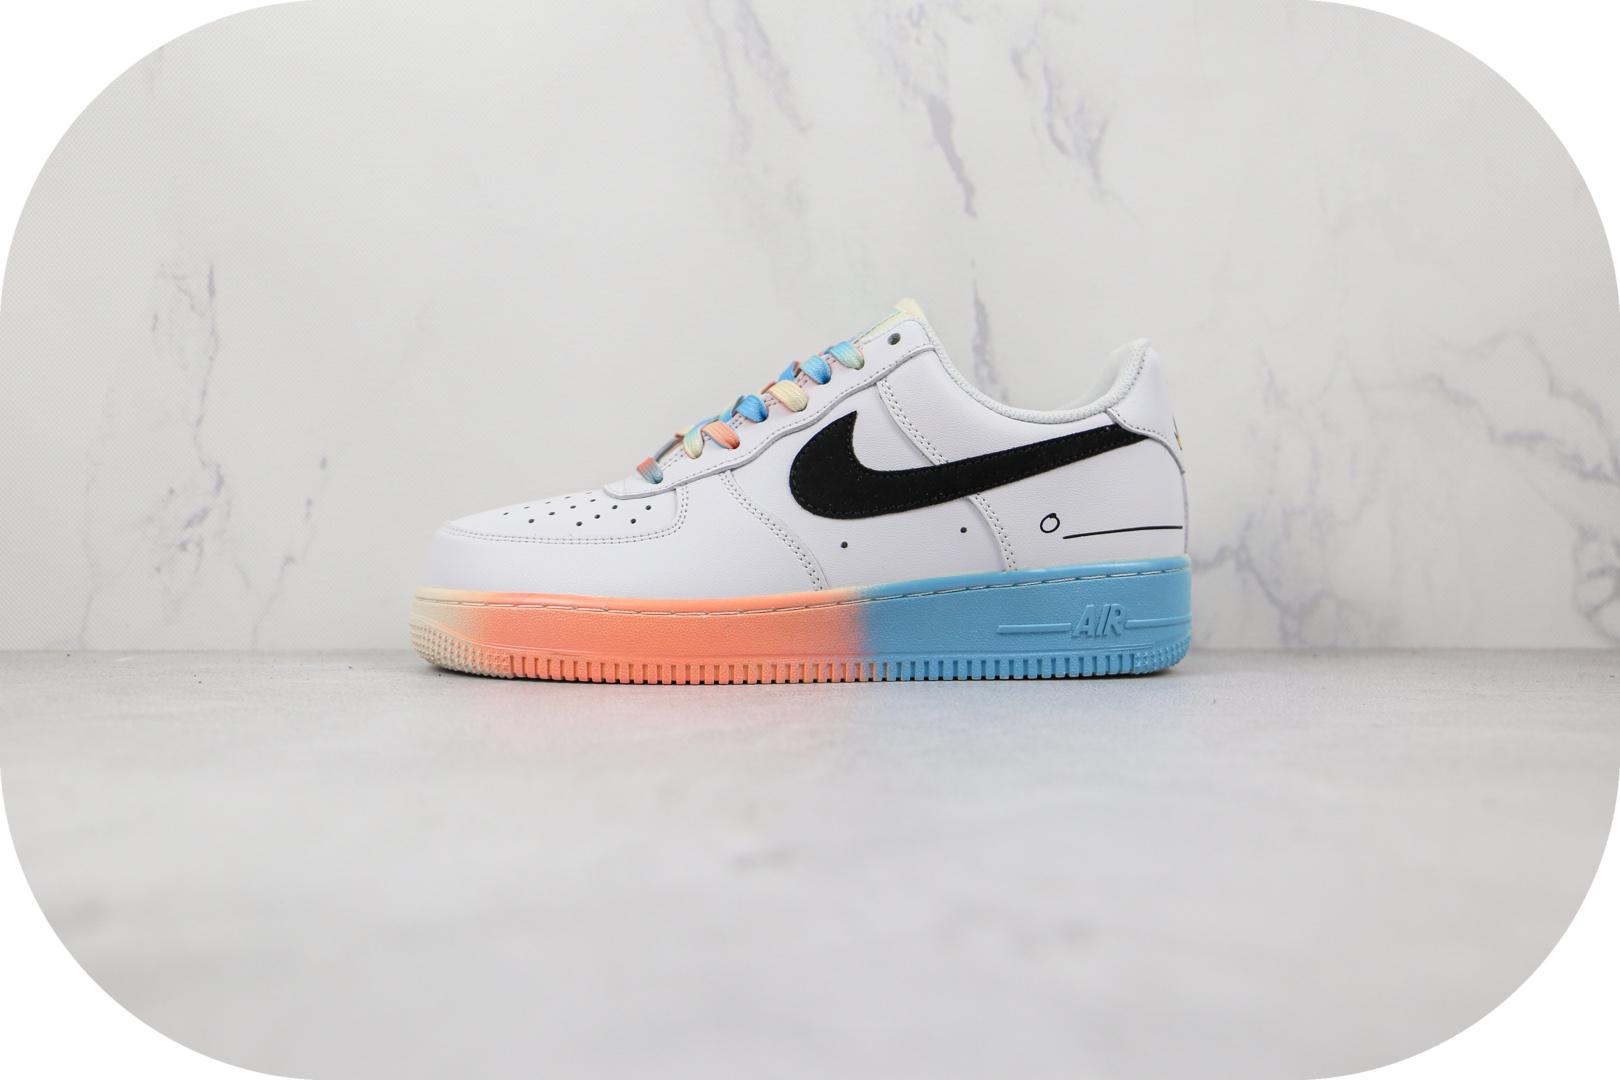 耐克Nike Air Force 1 Low 07纯原版本低帮空军一号白红蓝电玩涂鸦板鞋内置气垫 货号:DJ4679-101